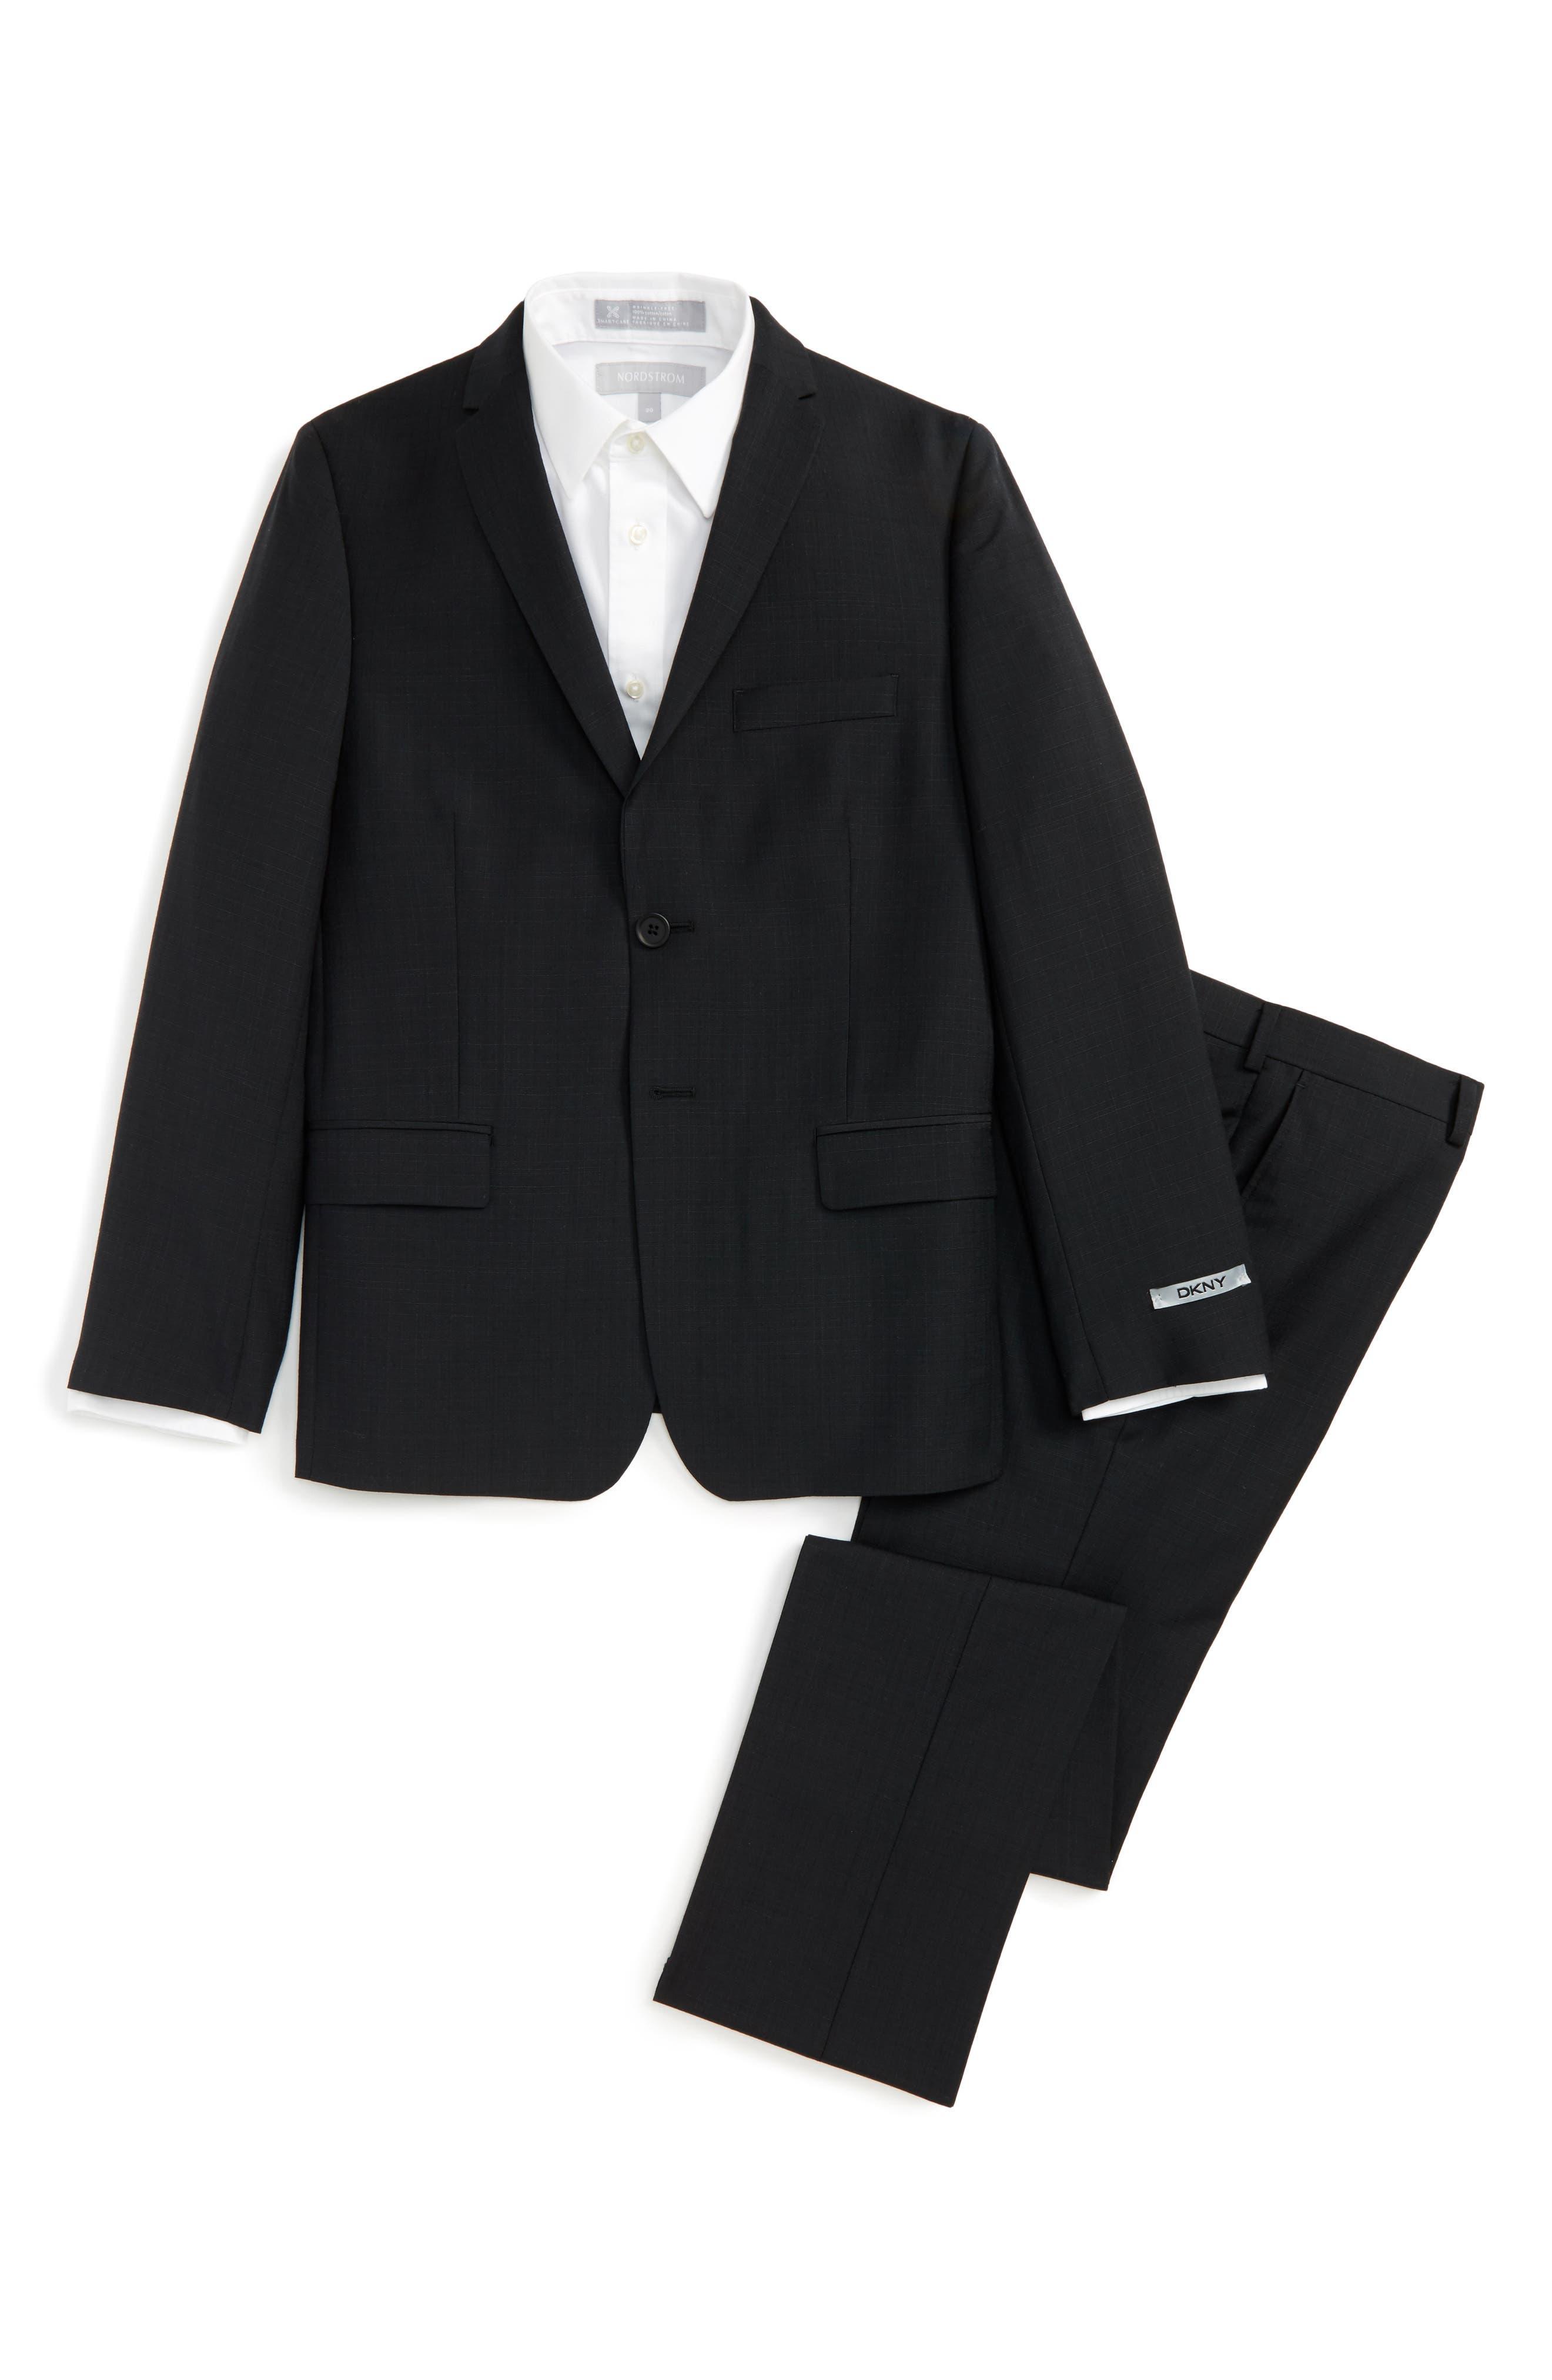 Alternate Image 1 Selected - DKNY Wool Suit (Big Boys)